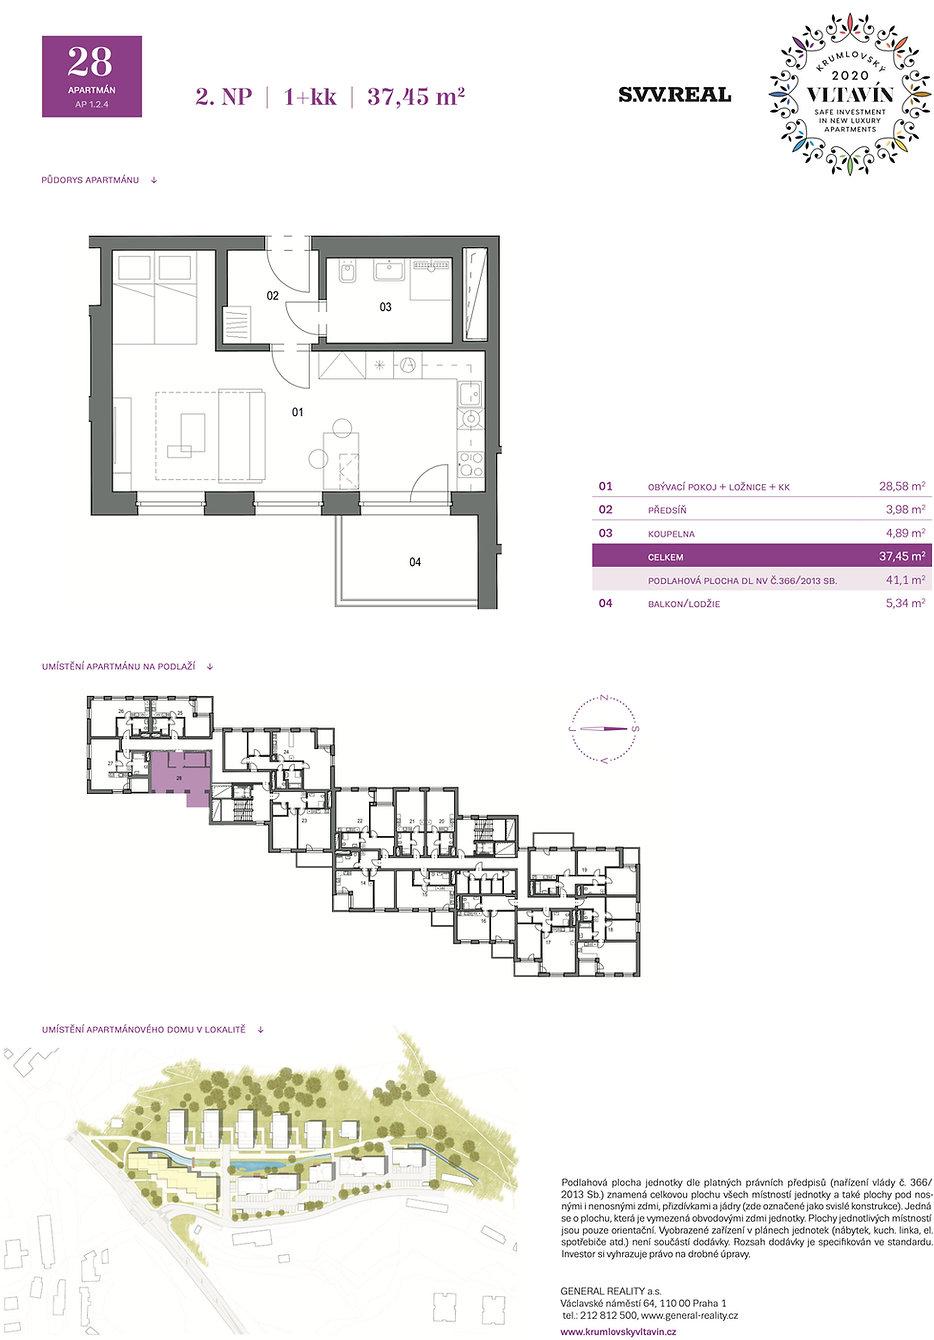 rsz_krumlovsky-vltavin-1kk-karta.jpg